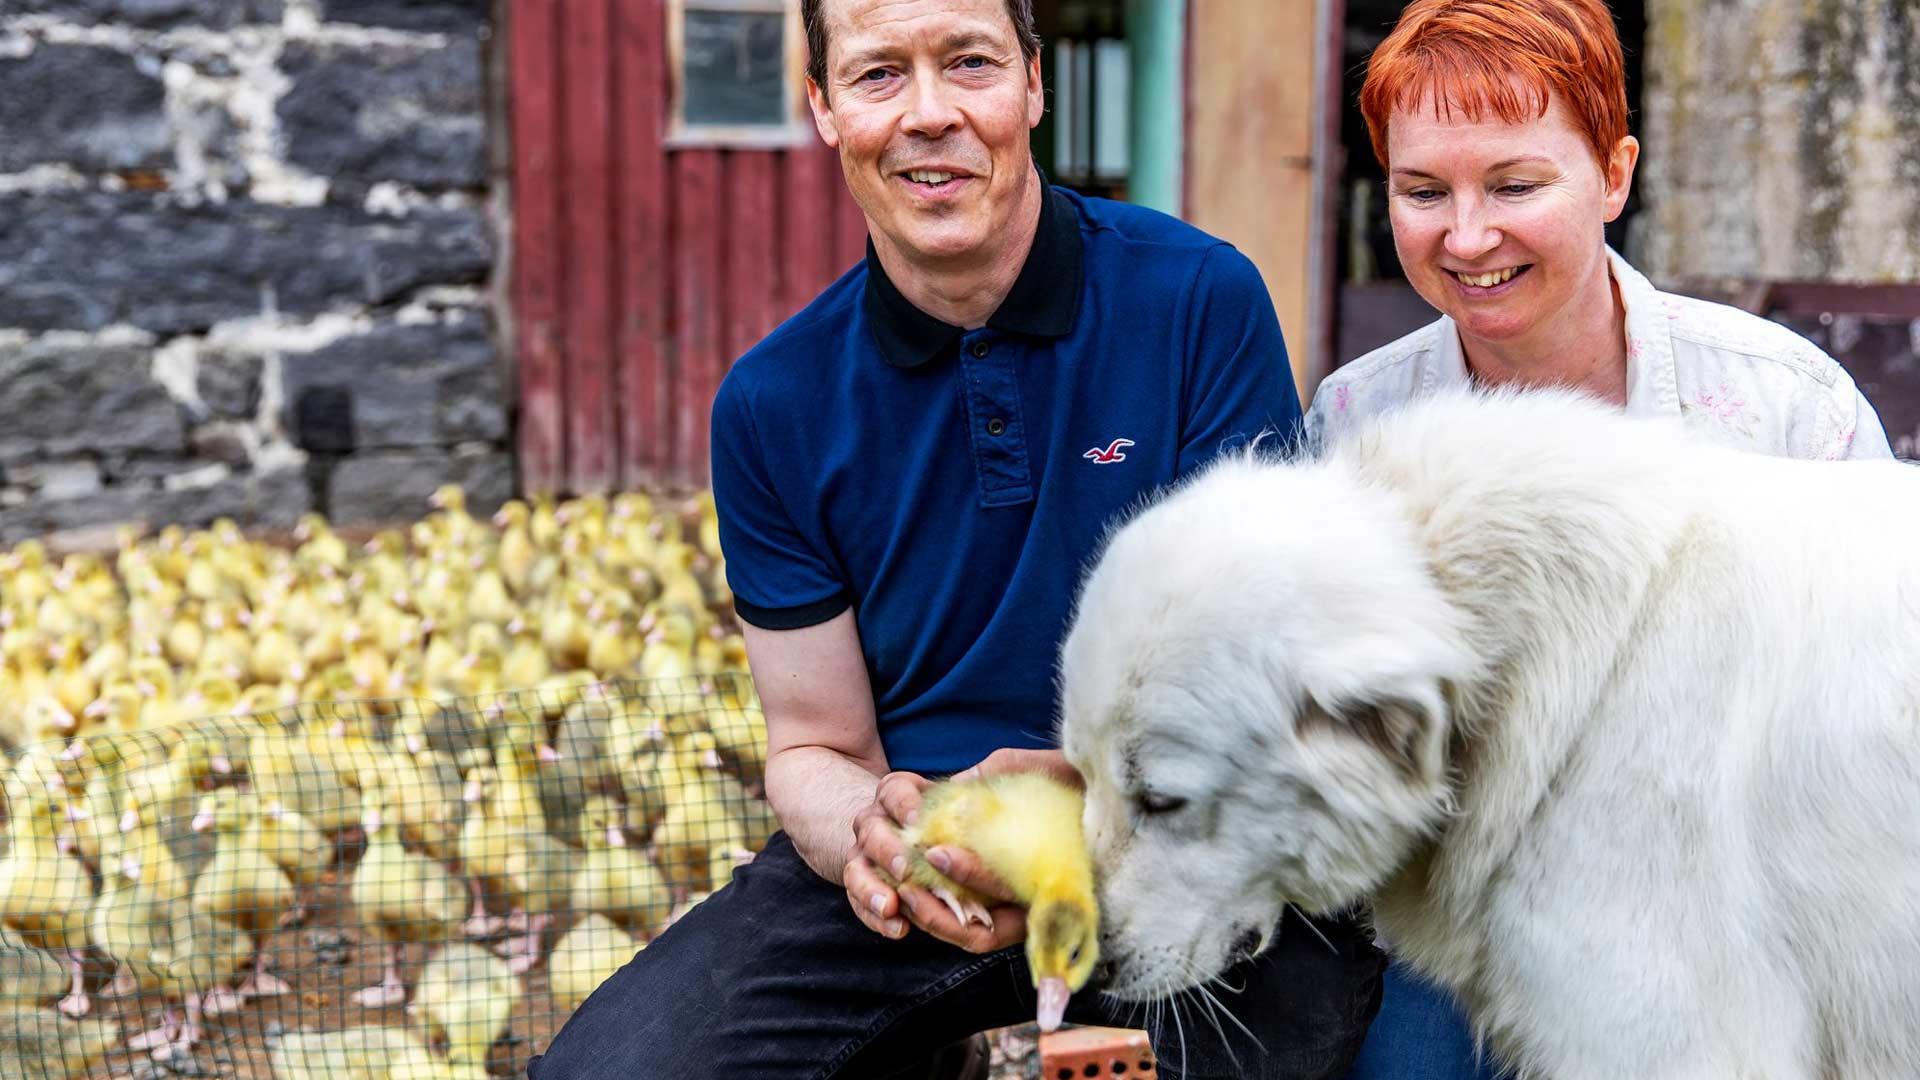 Virpi ja Antti Rantalainen aloittivat hanhien kasvattamisen vuonna 1997. Maremmano-koirat Martta ja Ricco pitävät huolta, ettei peto pääse hipsimään laumaan. Isot koirat ovat myös lintujen helliä ystäviä.